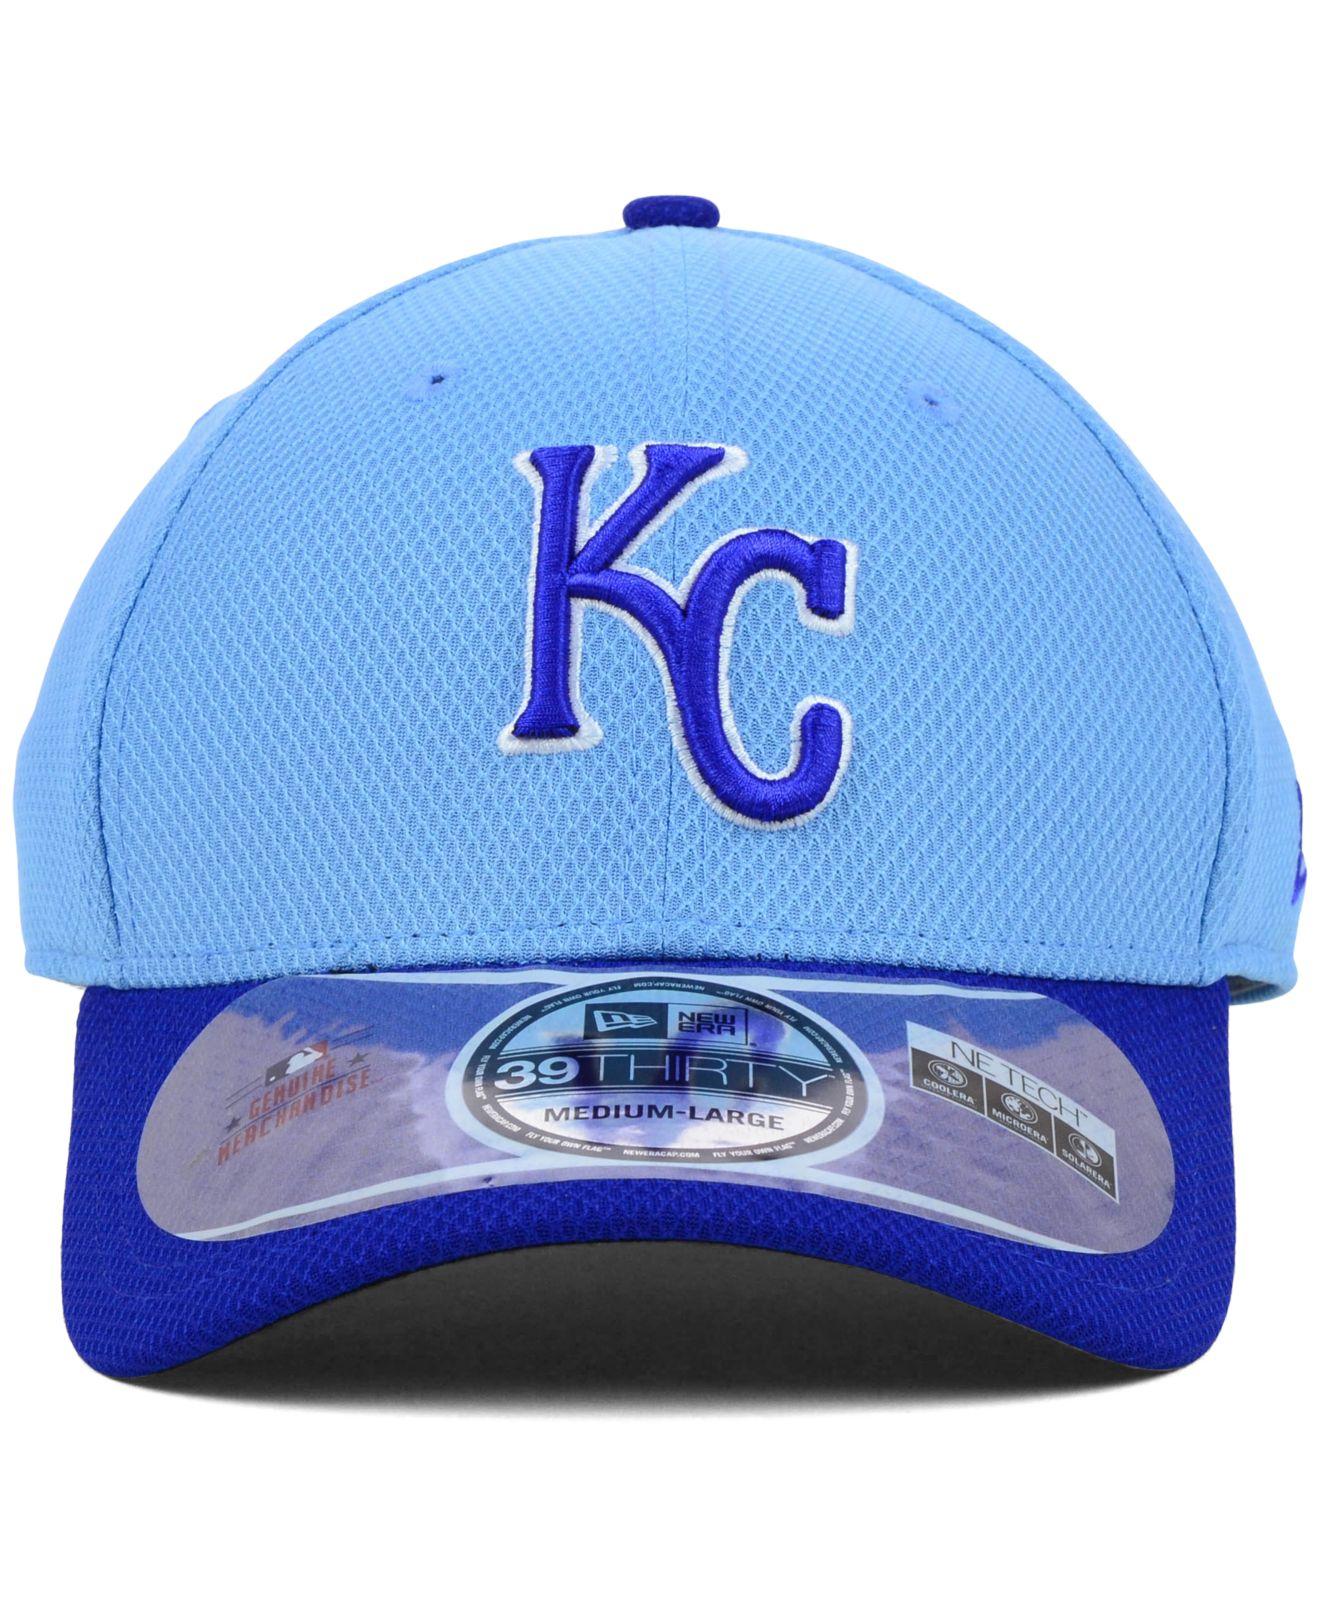 uk availability 4c7ac e81b0 ... shop lyst ktz kansas city royals mlb diamond era 2 tone 39thirty cap in  b1a8c a8172